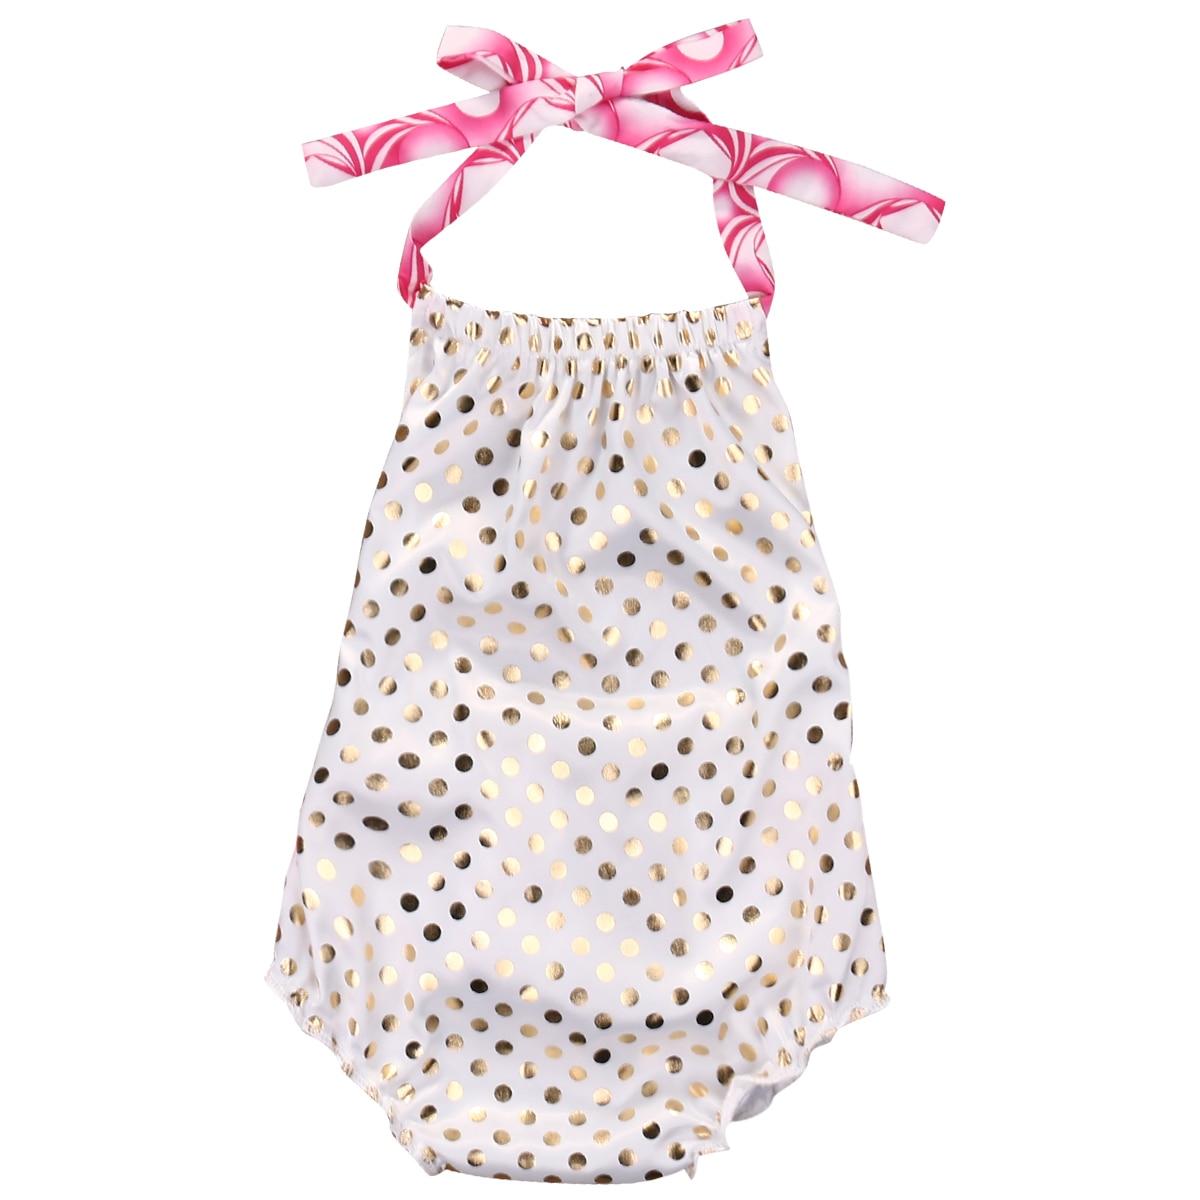 இかわいい幼児女の赤ちゃん服ポルカドット背中の開いたサンスーツ衣装